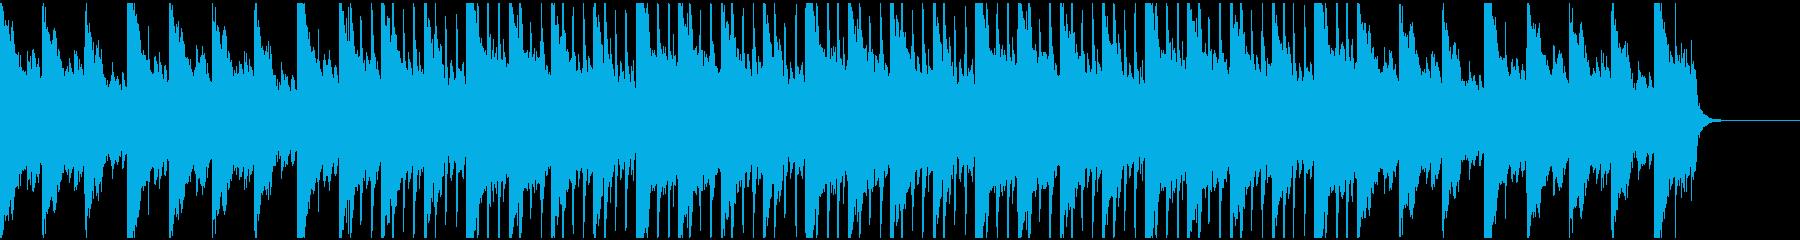 爽やか、清涼感企業VP風BGM 2の再生済みの波形